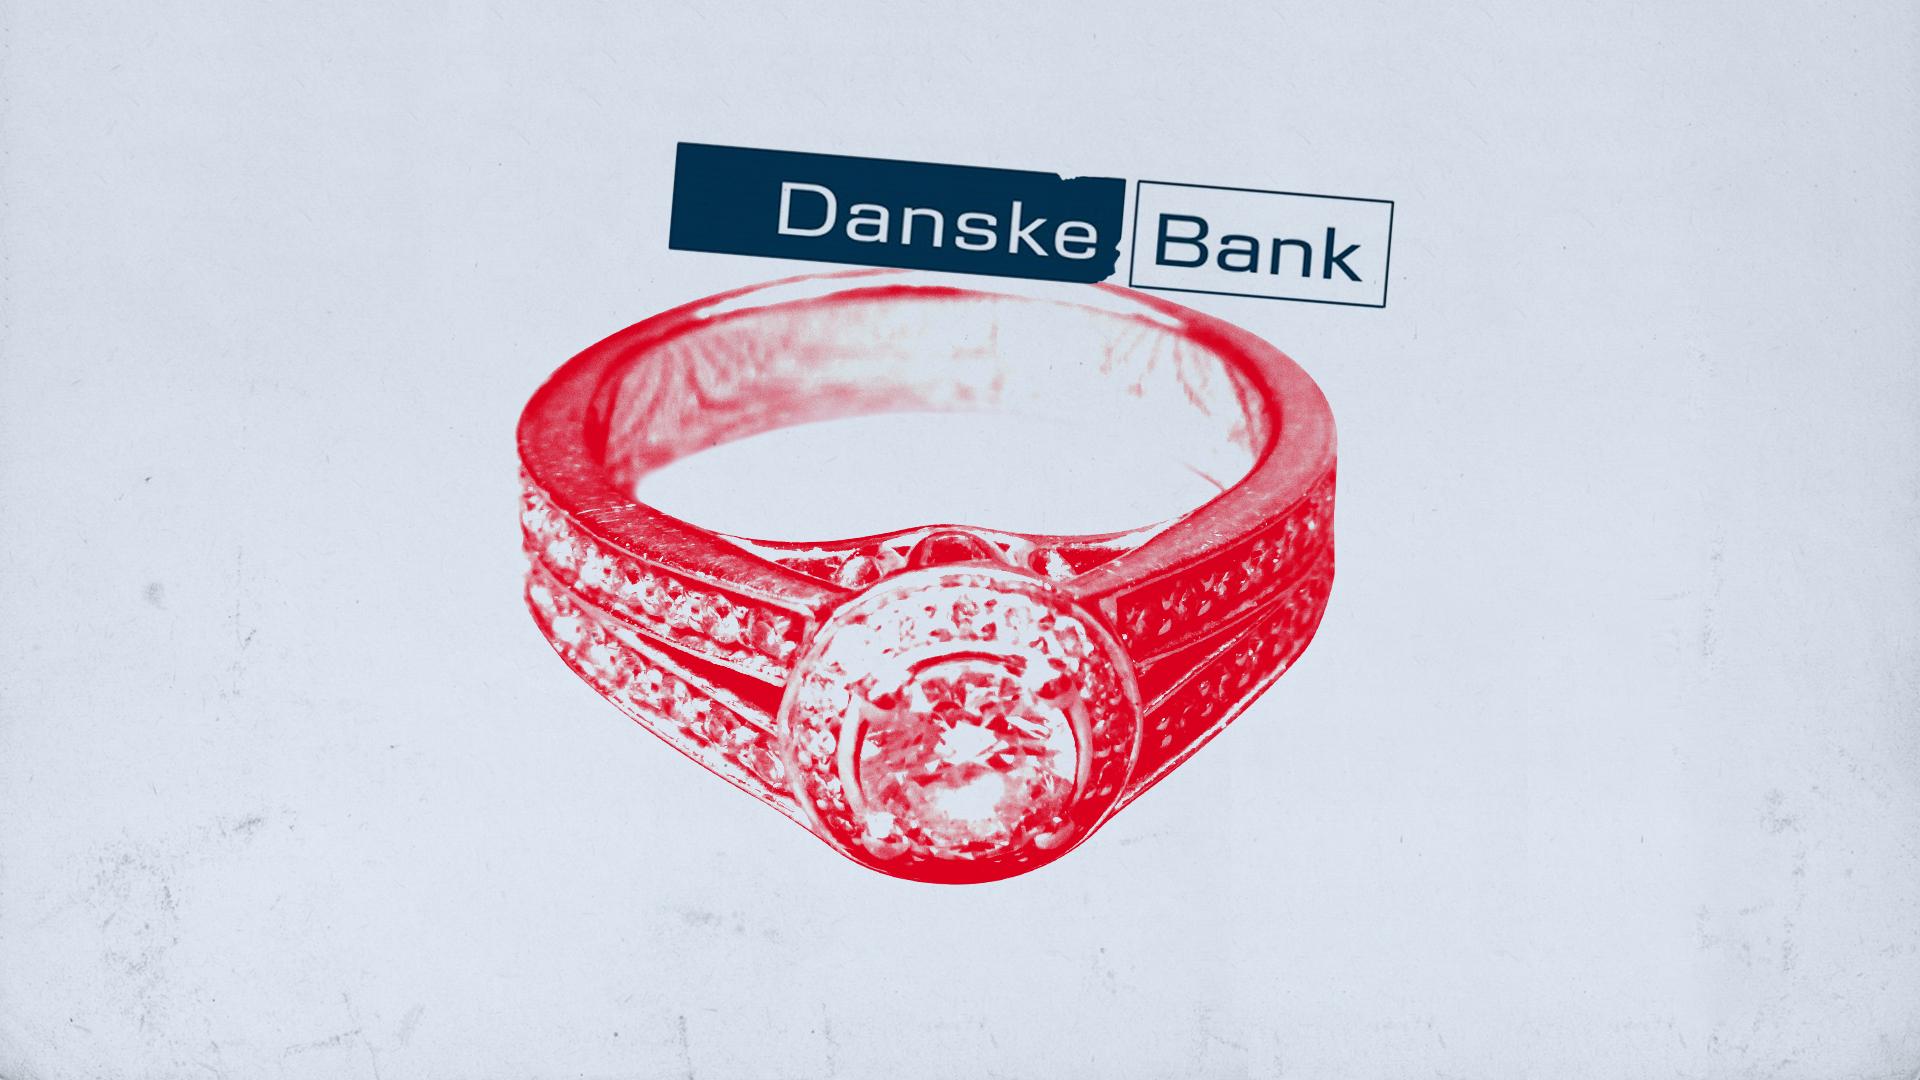 danskebank_mystiske_millioner.jpg